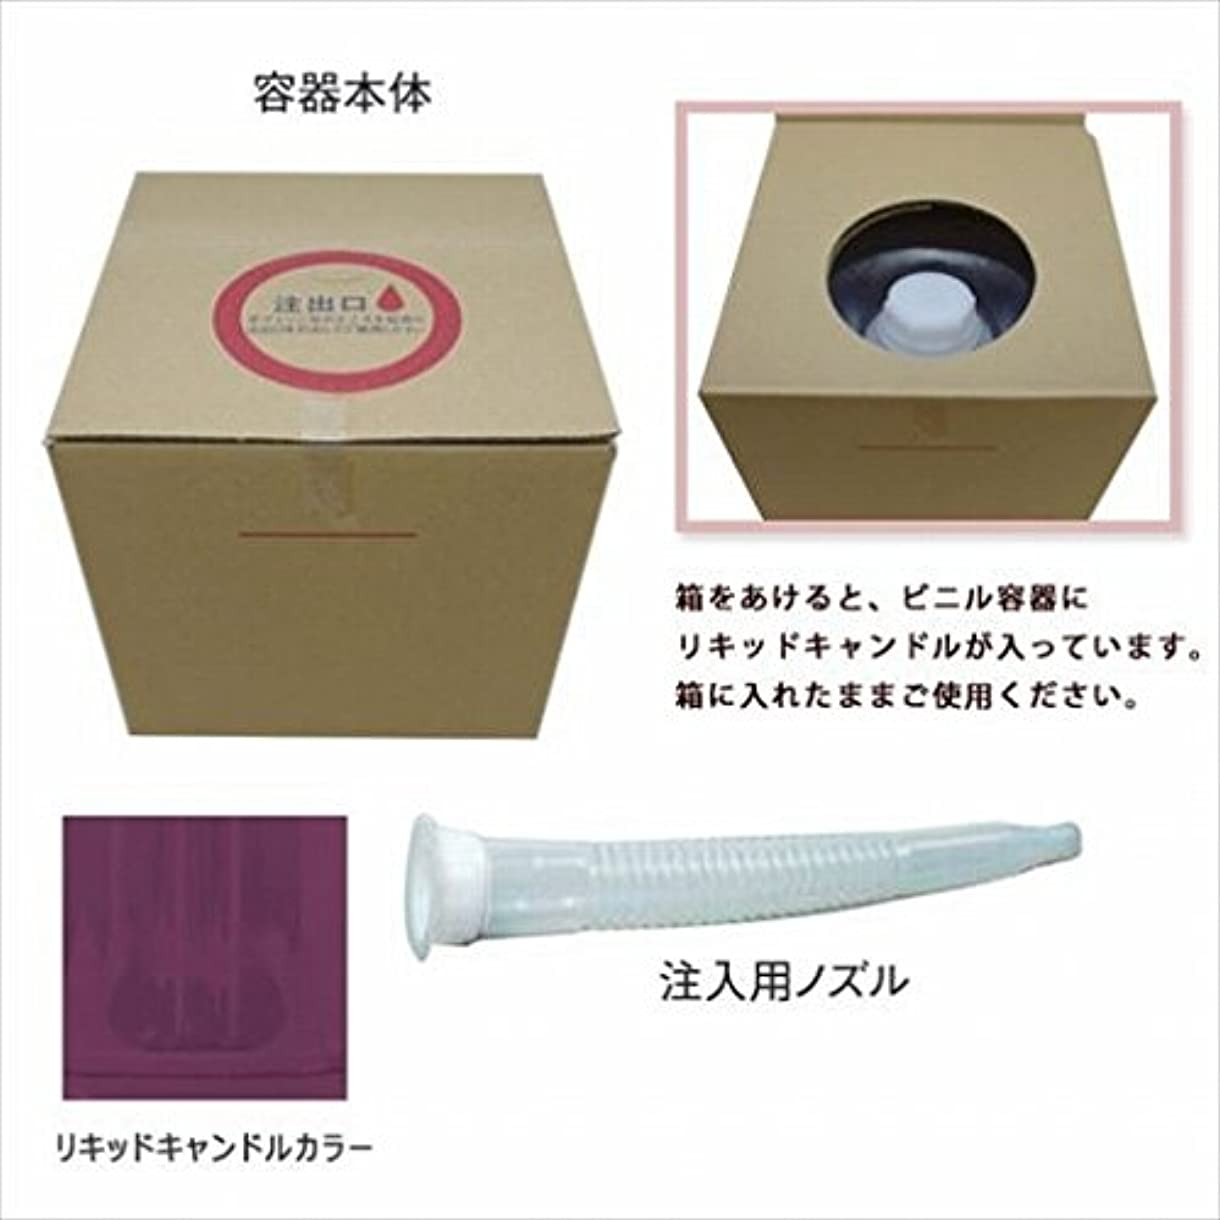 酔った作り些細なカメヤマキャンドル(kameyama candle) リキッドキャンドル5リットル 「 バイオレット 」